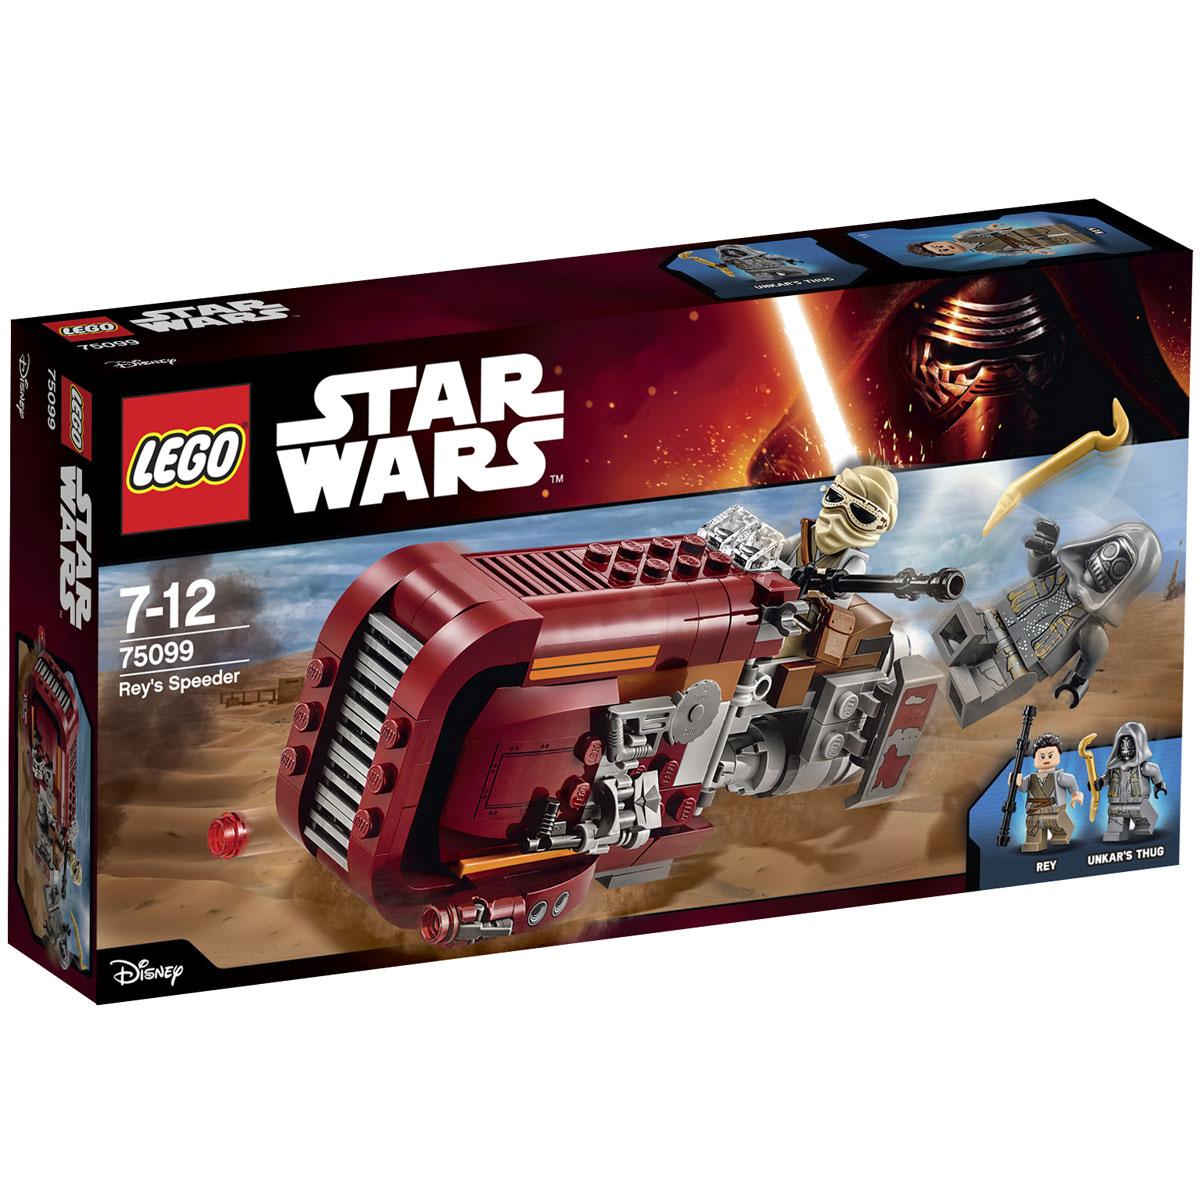 LEGO Star Wars Конструктор Спидер Рей 75099 что нужно чтобы увиличить лошадиные силы в стрит рей серах